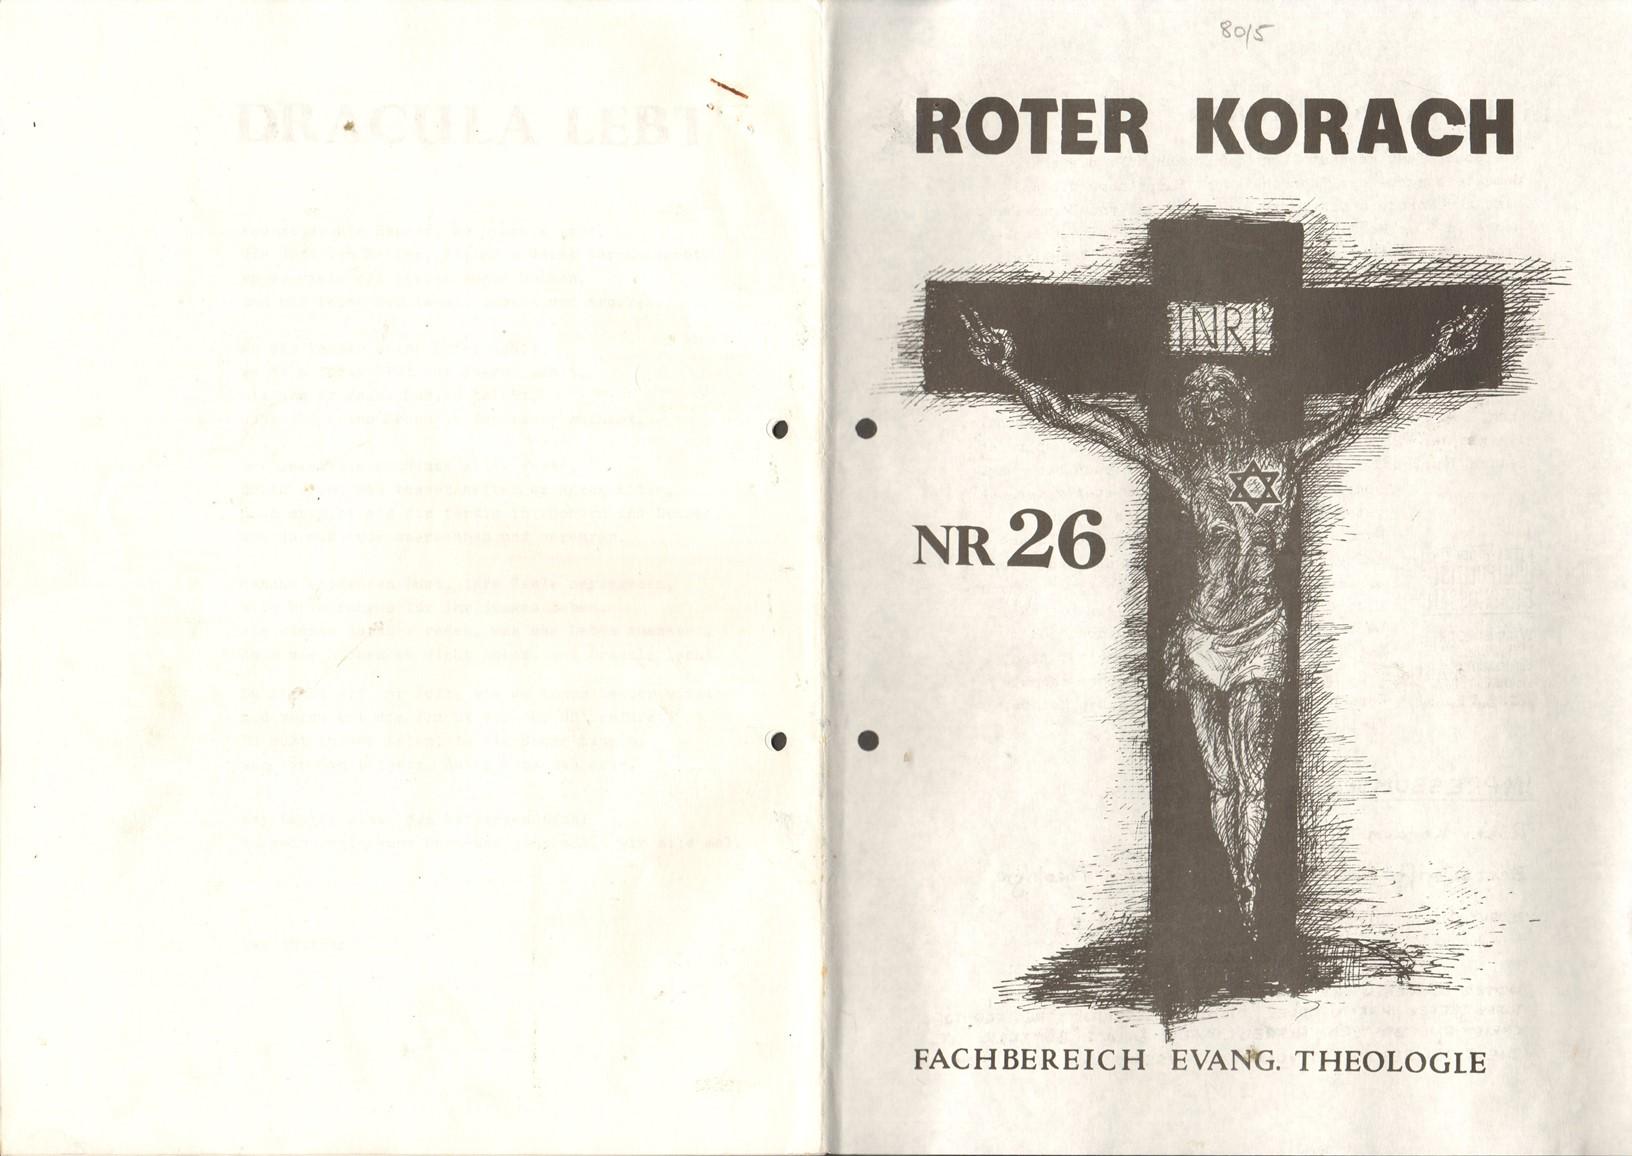 Muenster_Roter_Korach_19800600a_01